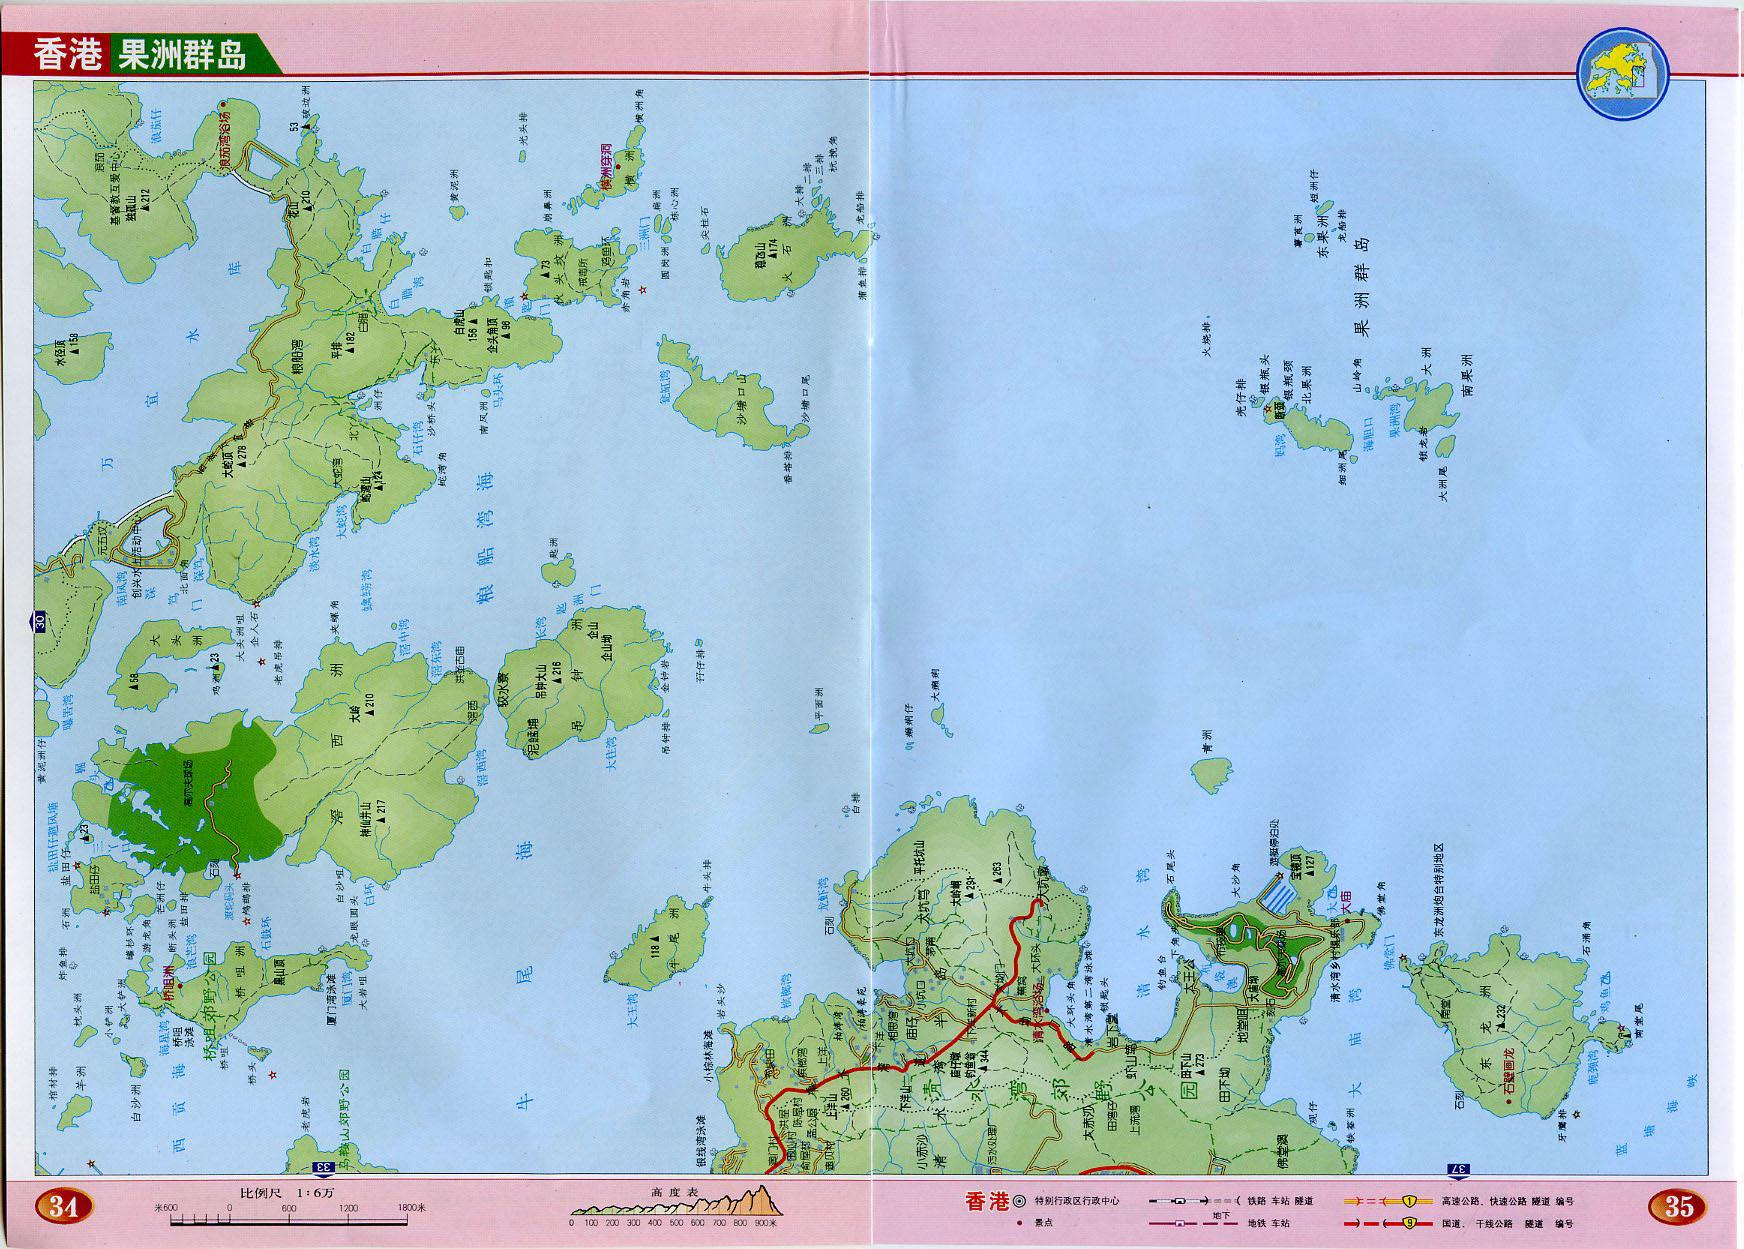 果洲群岛地图高清版_香港地图查询